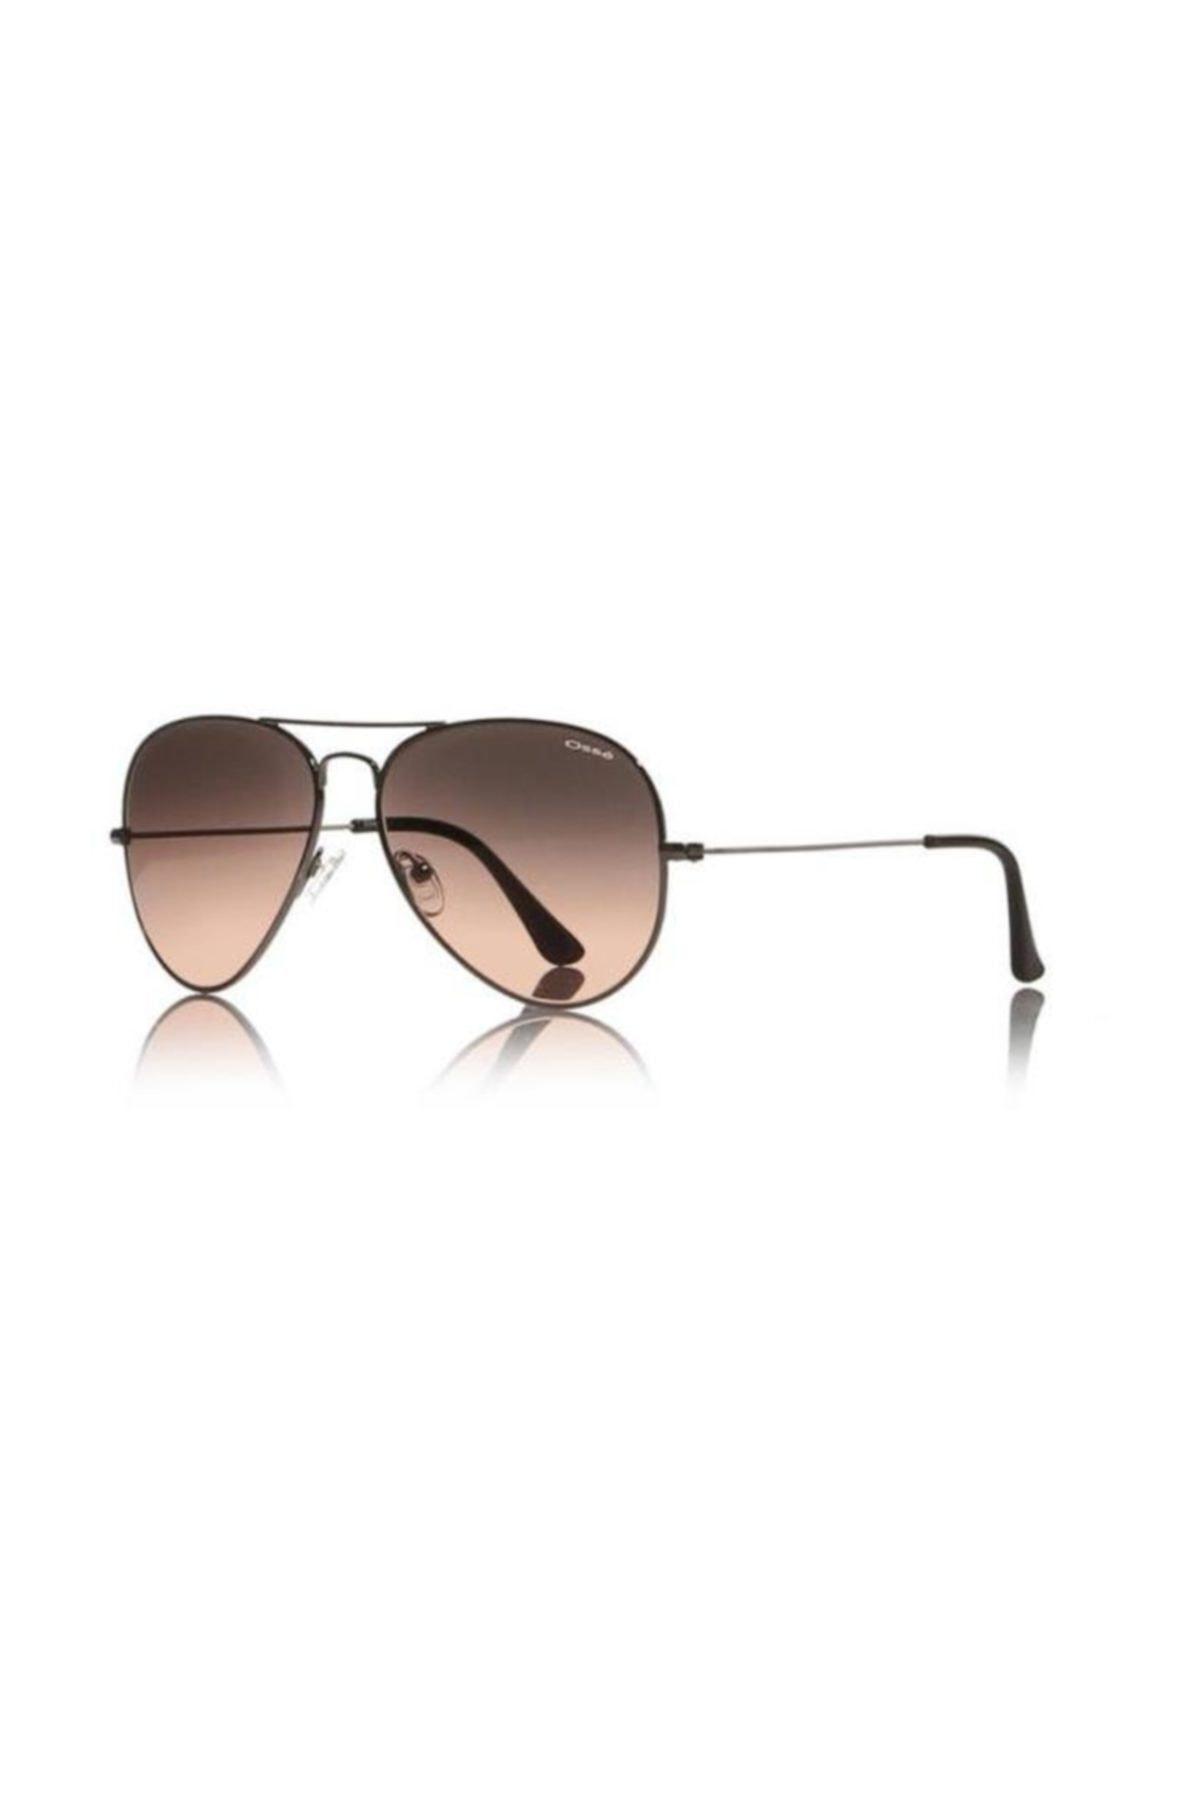 خرید اسان عینک آفتابی اسپرت زیبا برند Osse رنگ زرشکی ty4946530